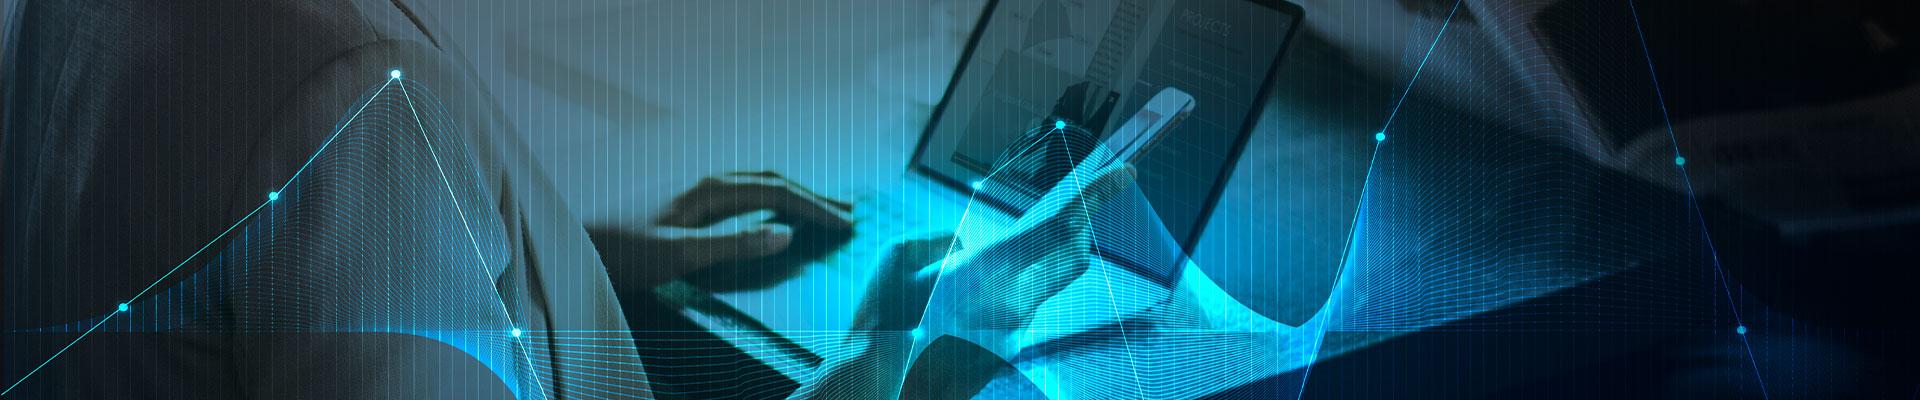 data-science-digital-transformation